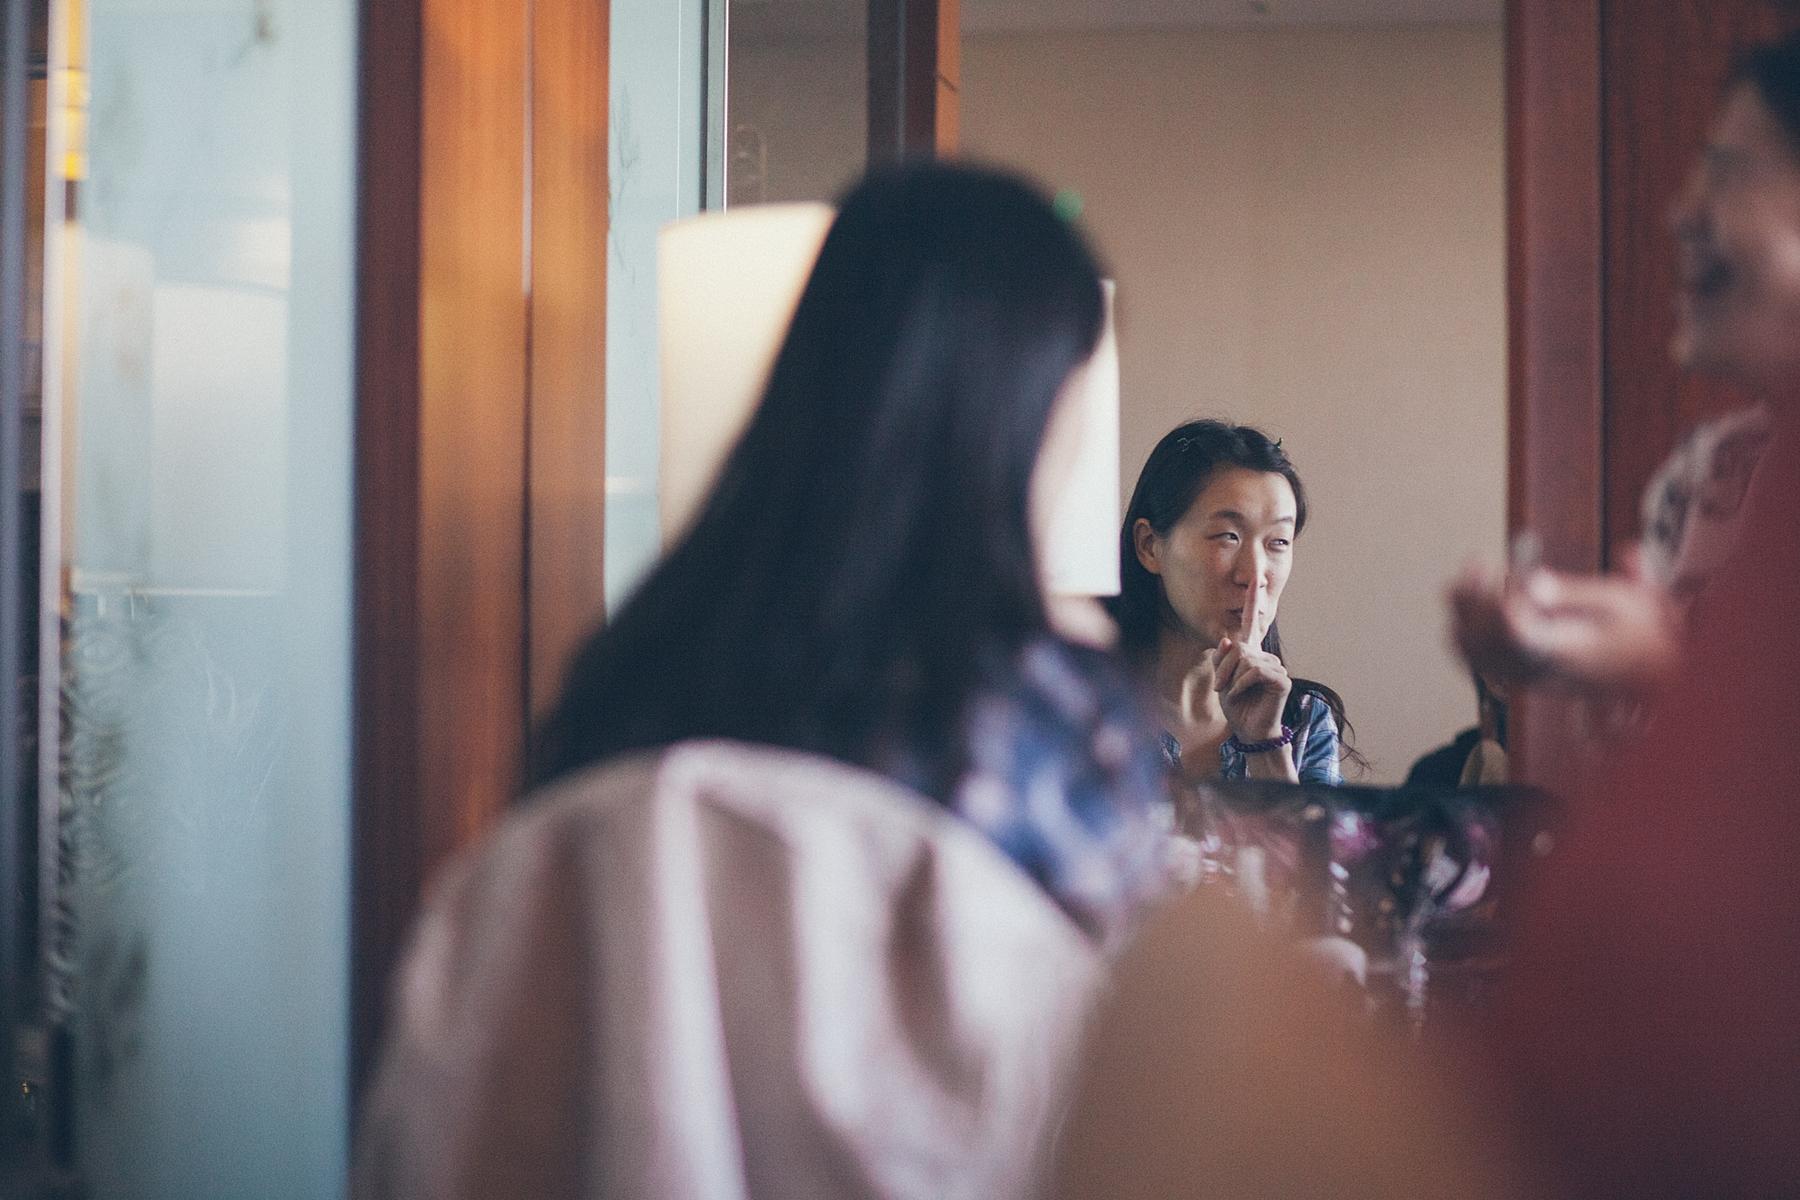 婚禮攝影,婚攝,婚禮記錄,台北,喜來登大飯店,底片風格,自然